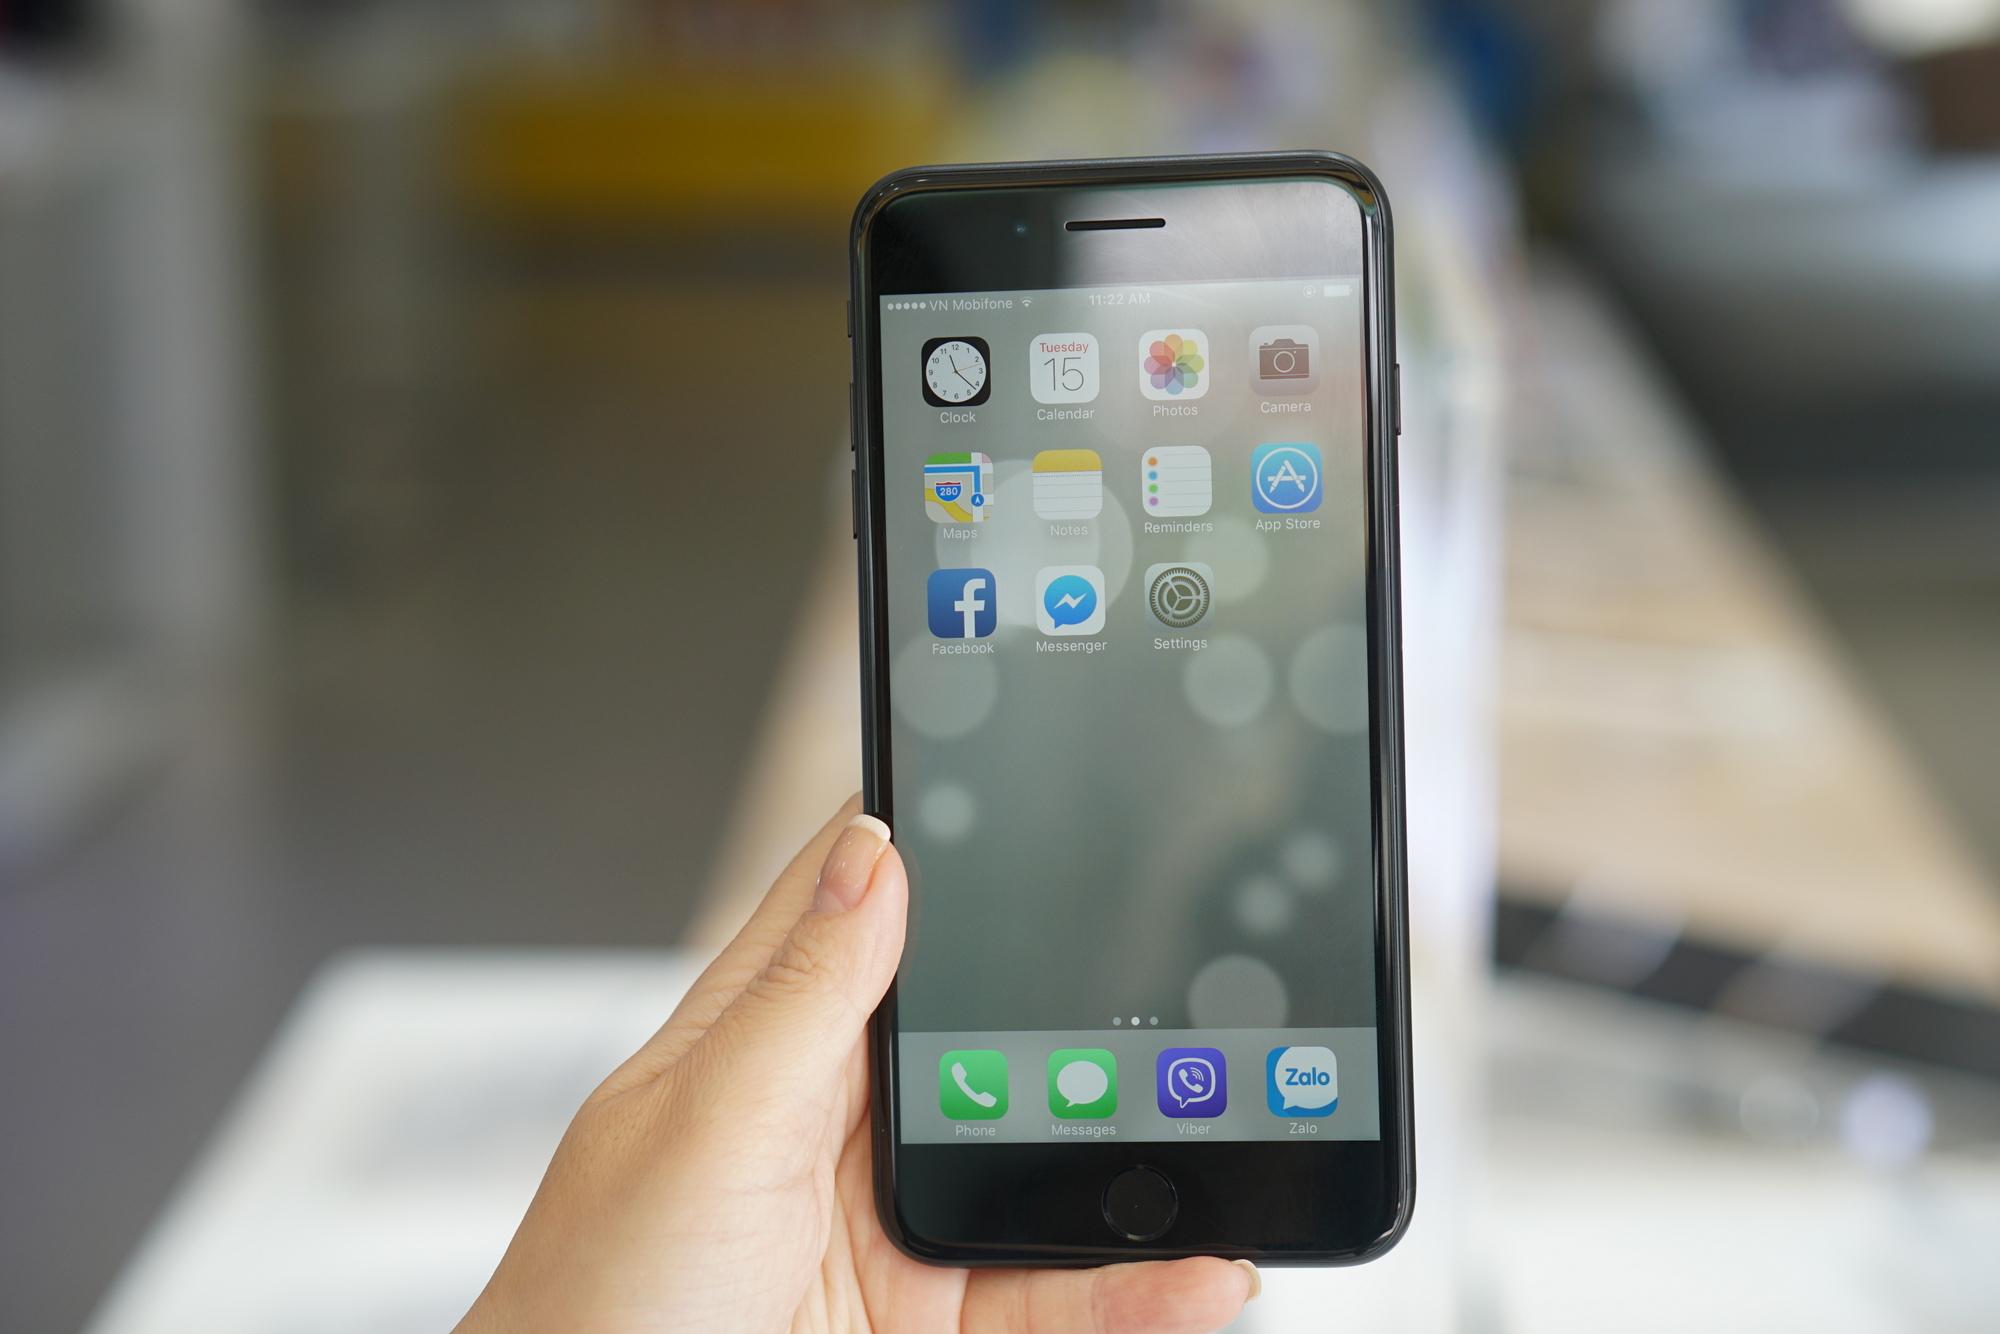 Trên tay iPhone 7/7 Plus đen nhám chính hãng tại Viễn Thông A -